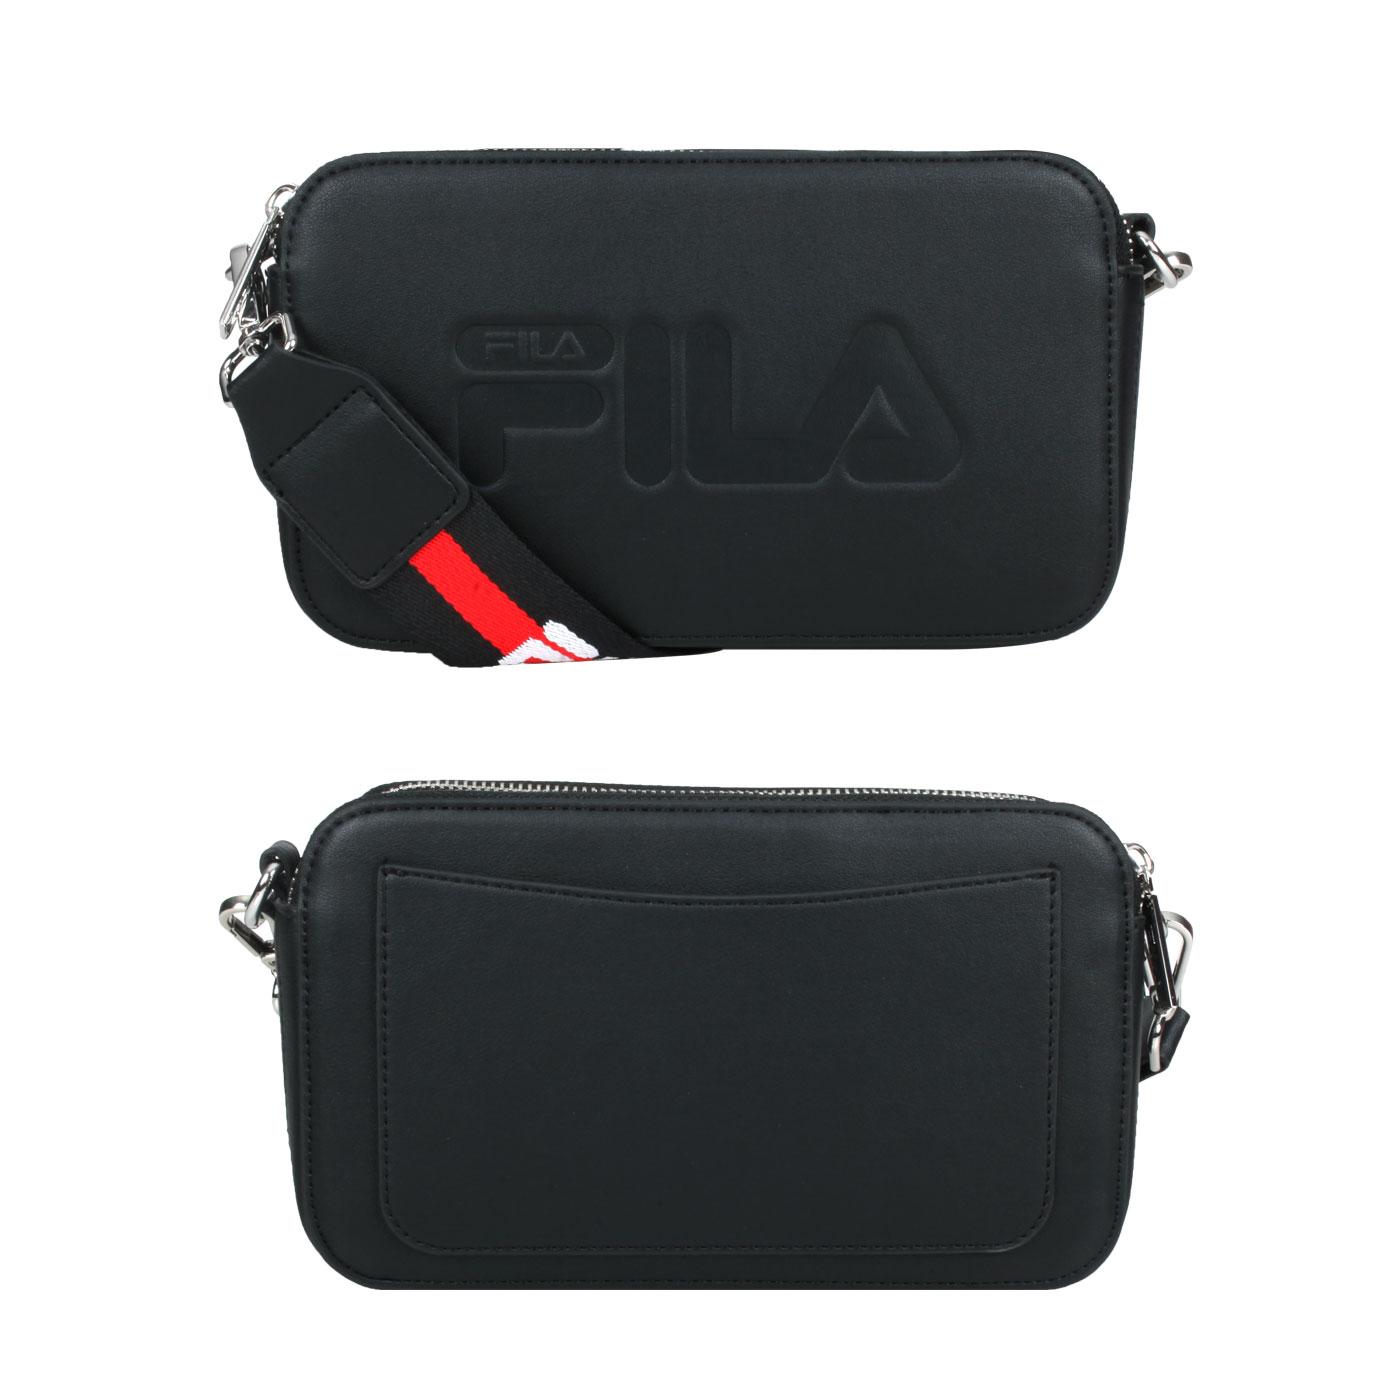 FILA 背帶相機包 BMV-3015-BK - 黑紅白